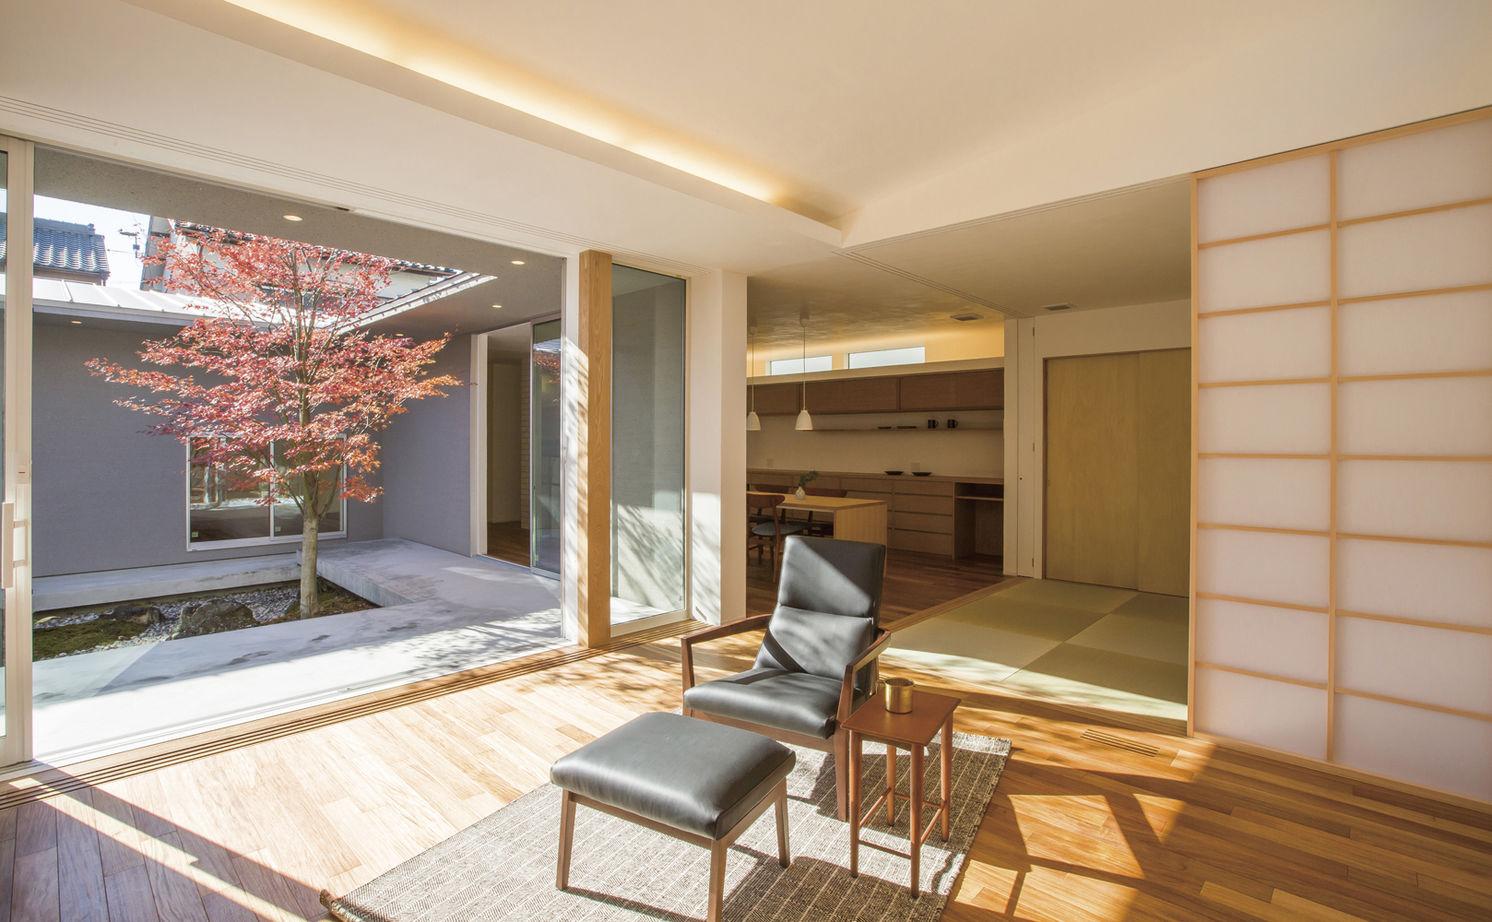 住宅地の中でも、季節とゆっくりした時間を感じて。二世帯の住まいを快適にしたシンプルデザインの平屋画像2